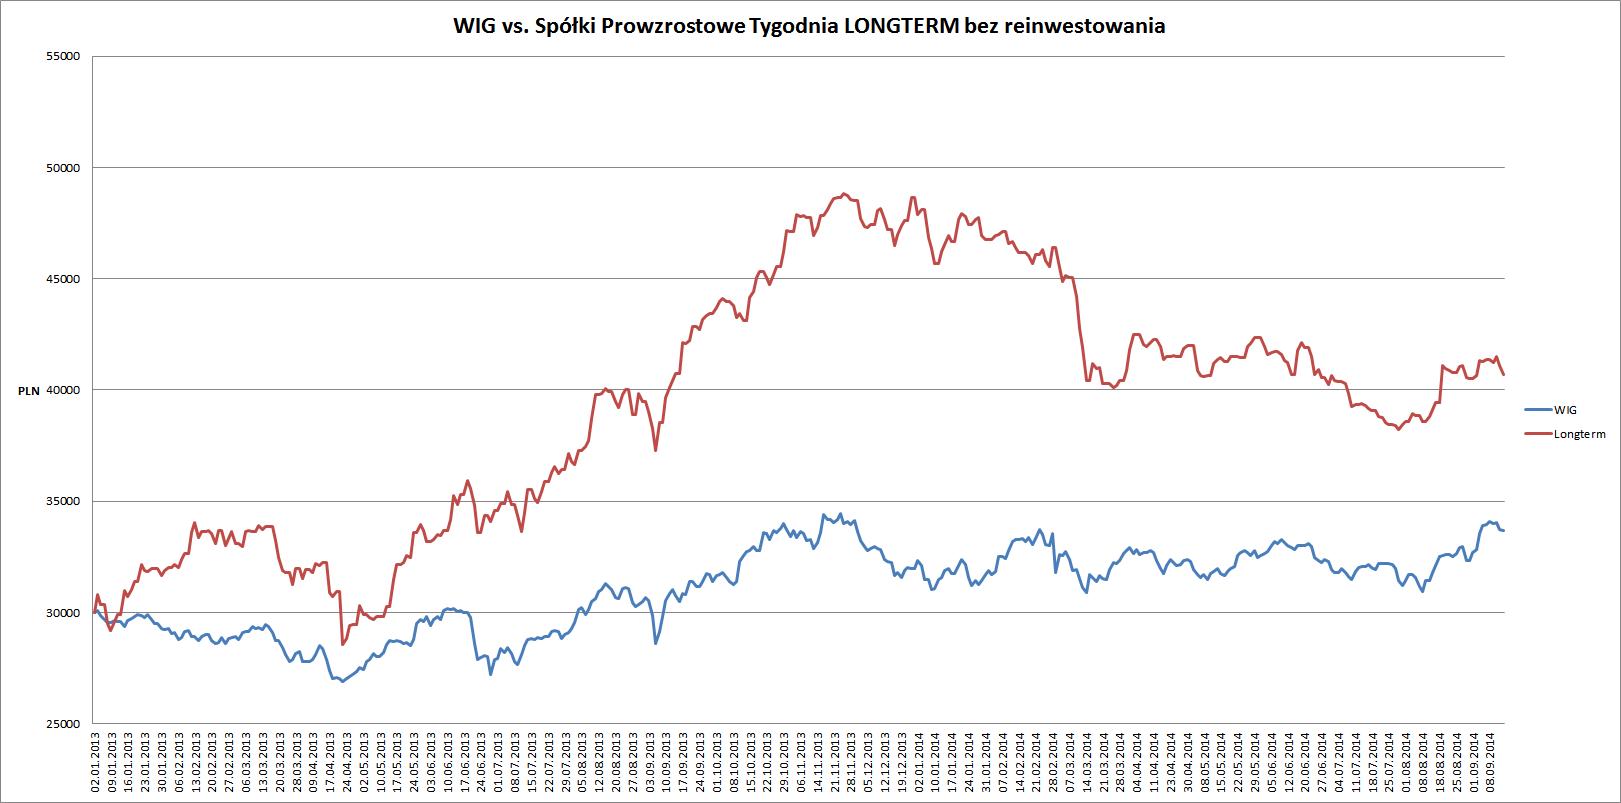 wig vs longterm 14.09.14 od 2013